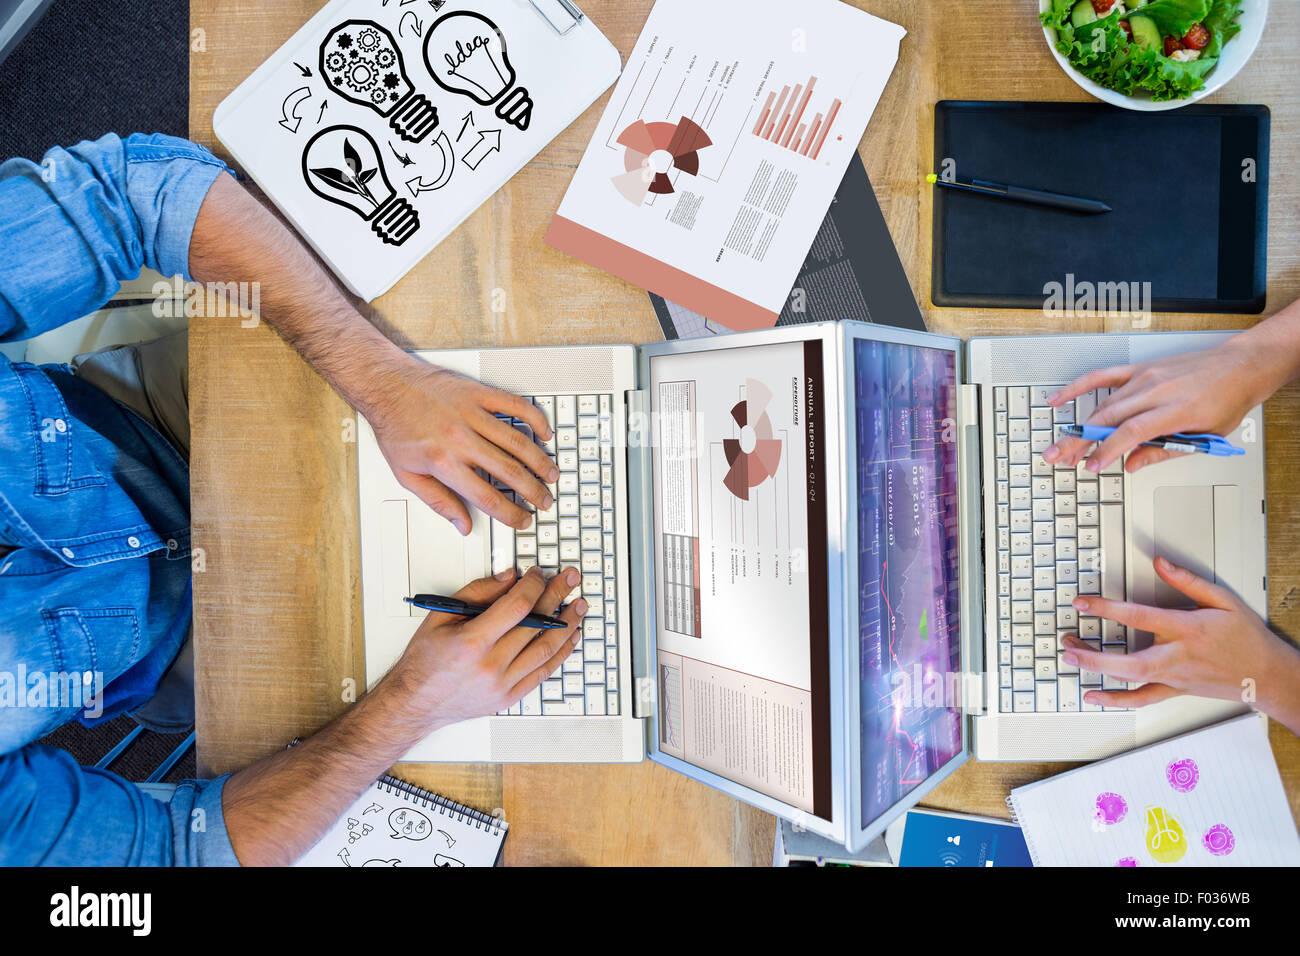 Immagine composita di idea e innovazione graphic Immagini Stock